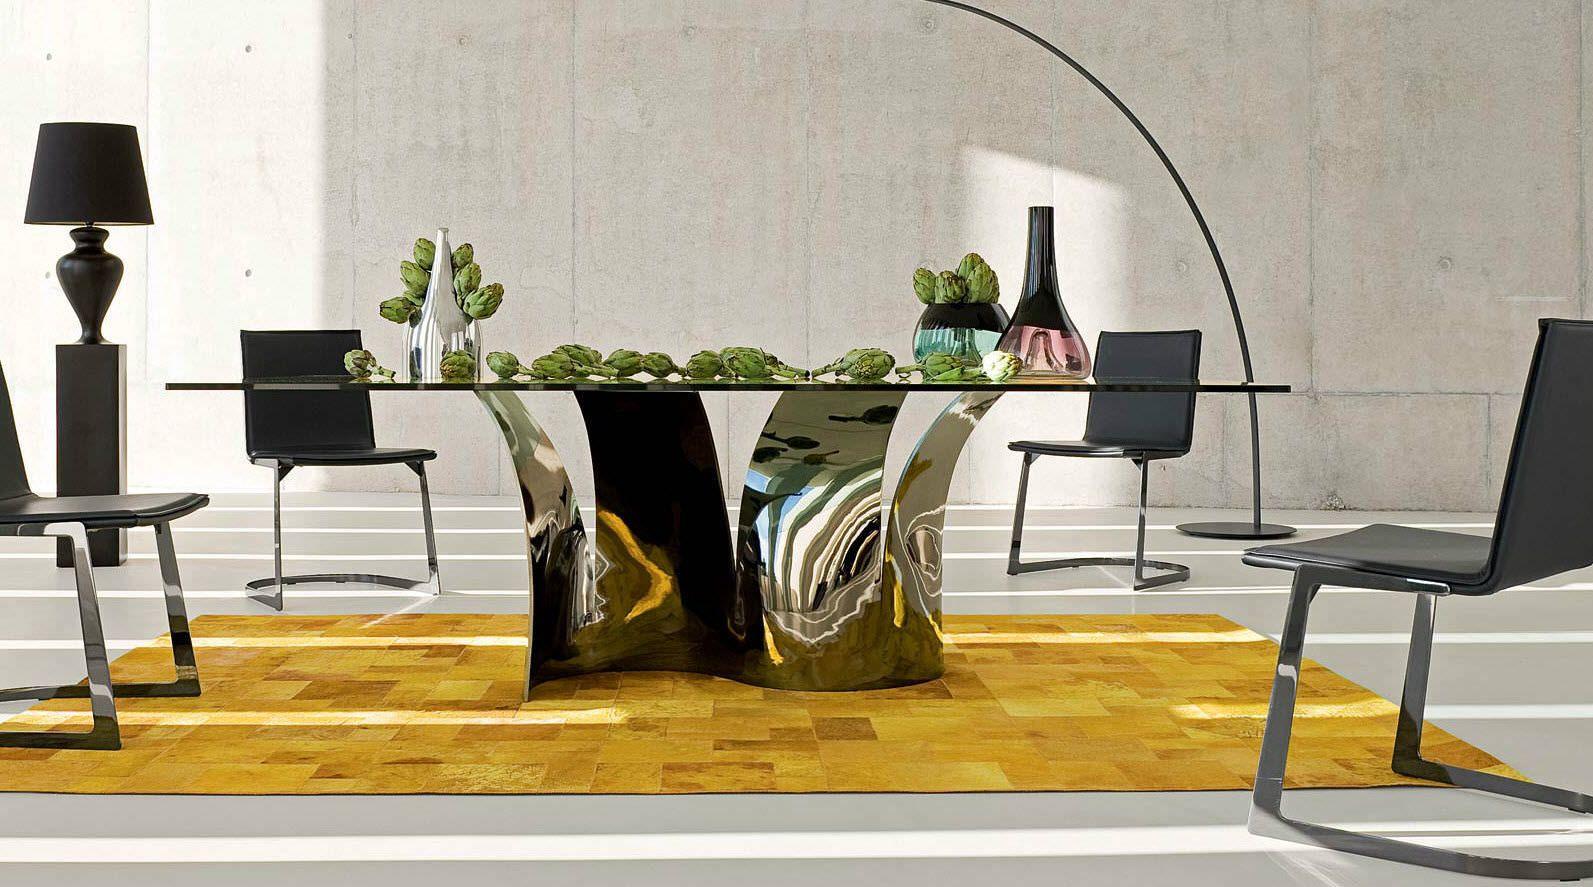 Roche Bobois Voile 230x125 Cm 4850 Euros Chaise Salle A Manger Salle A Manger Moderne Table A Manger Contemporaine